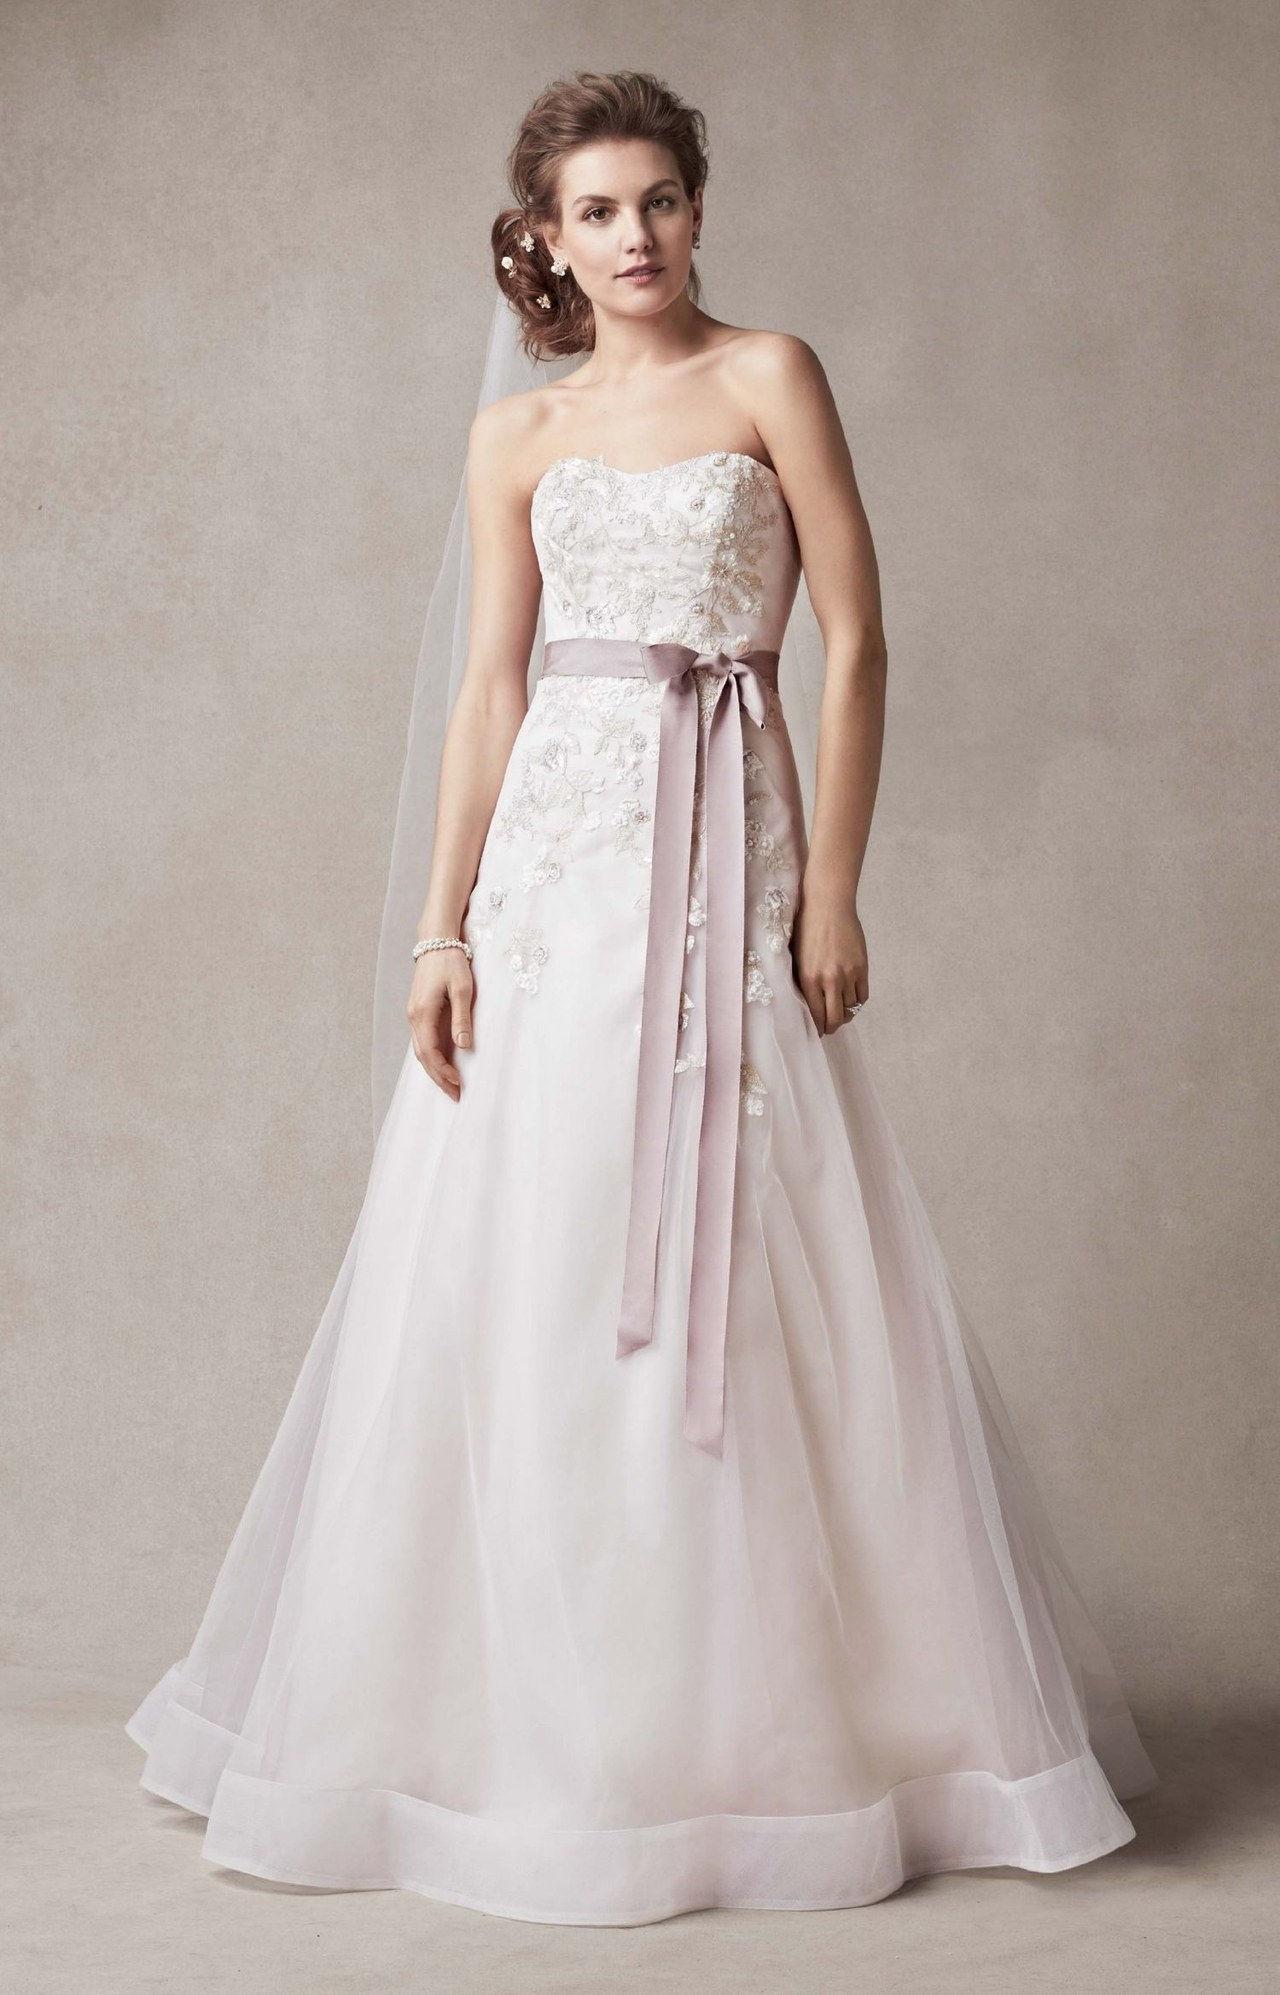 New Melissa Sweet Brautkleider So schön, ich möchte fast wieder ...